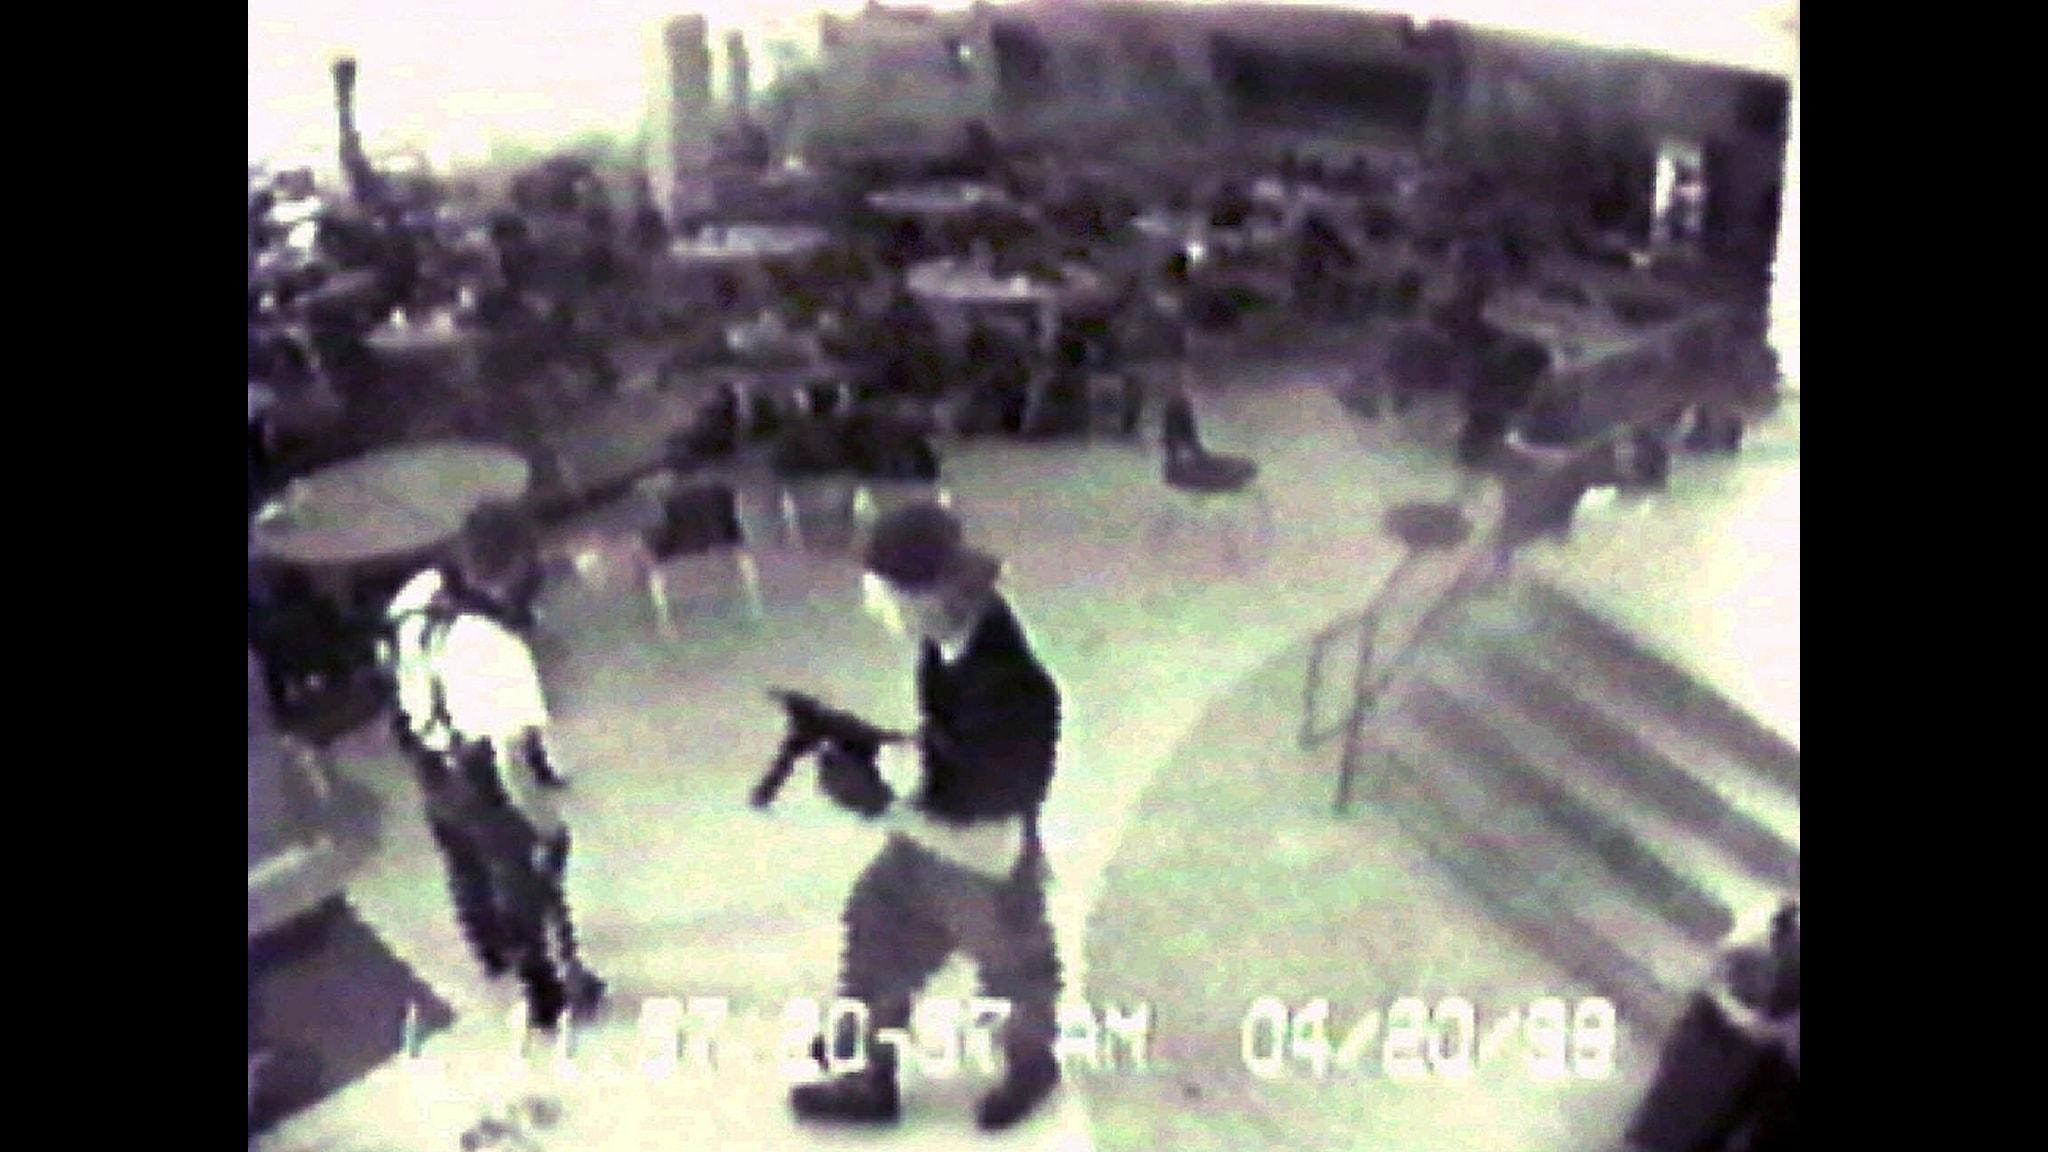 Ensam, kränkt och beväpnad - om risken för skolskjutningar